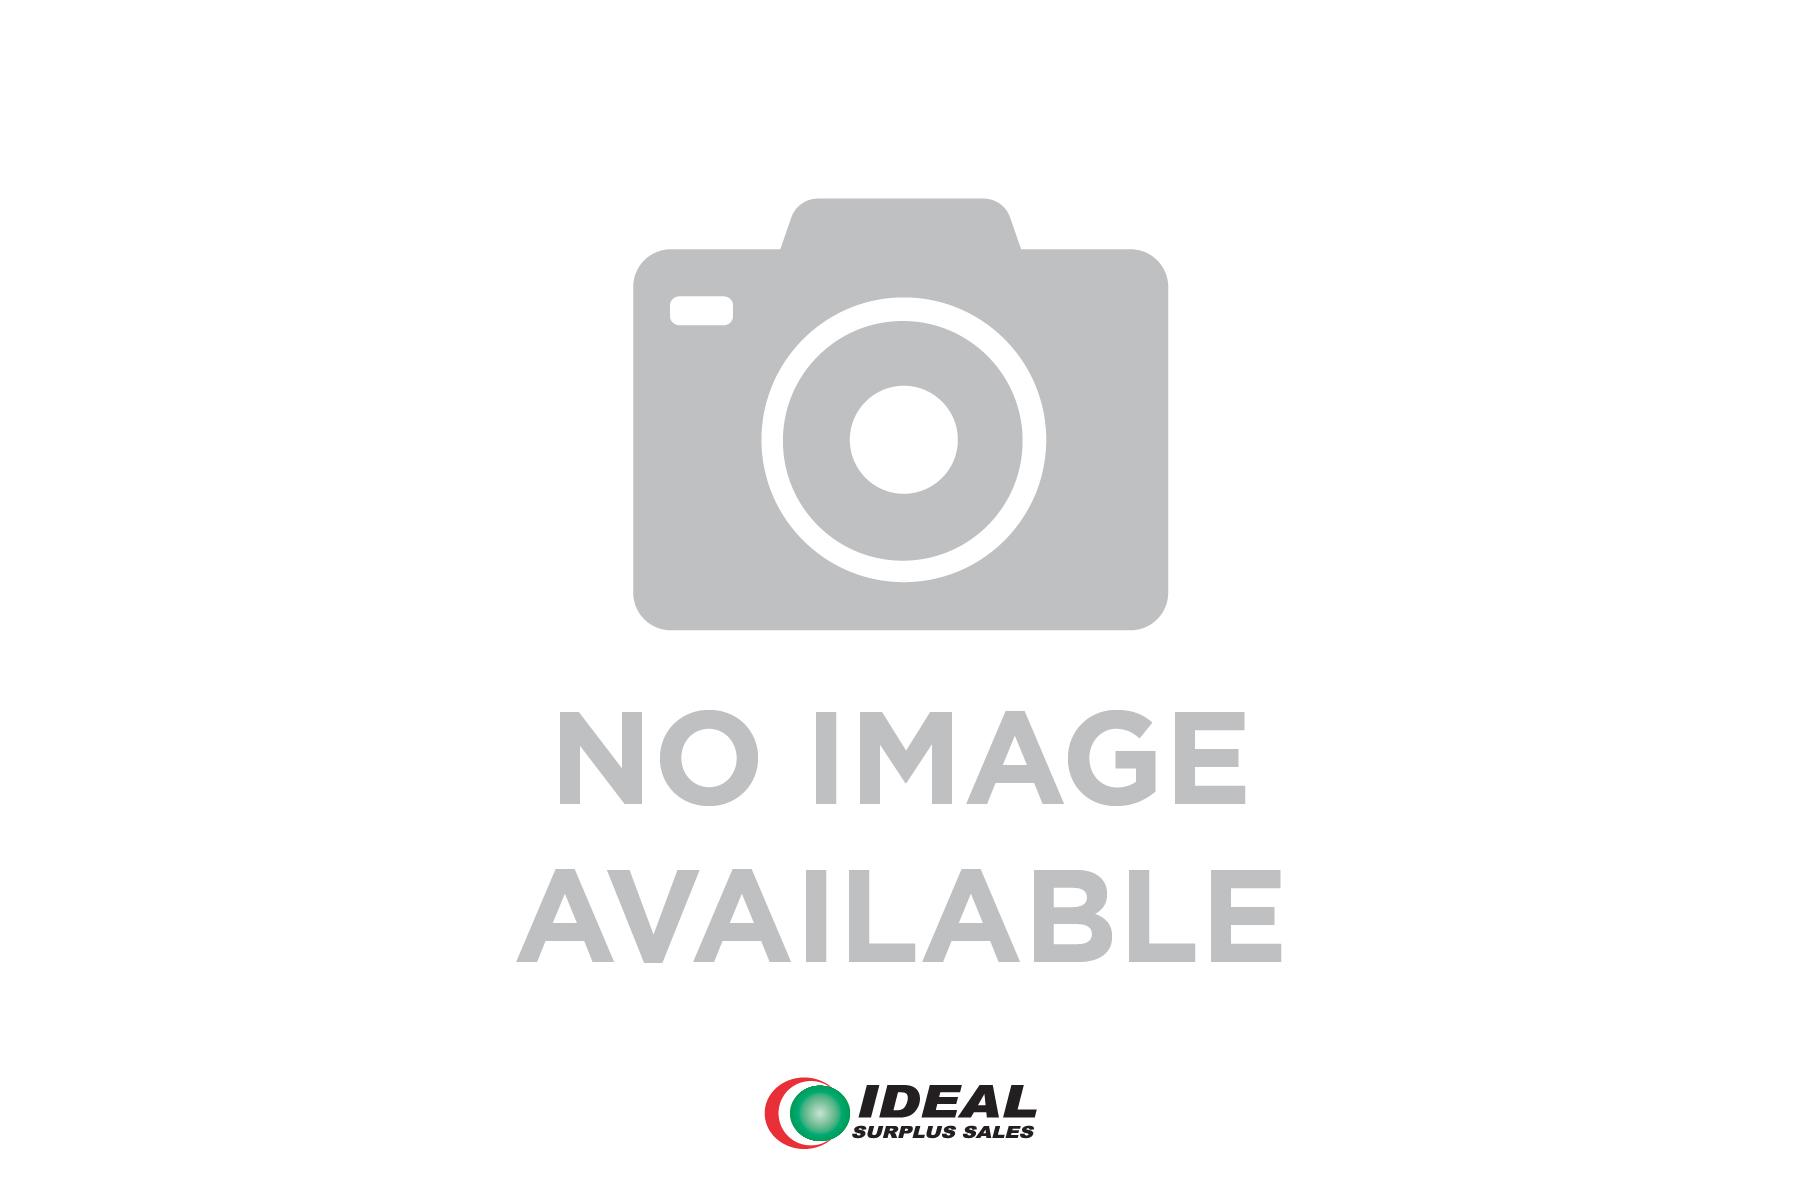 KOIKE ARONSON PLASMATABLE Used